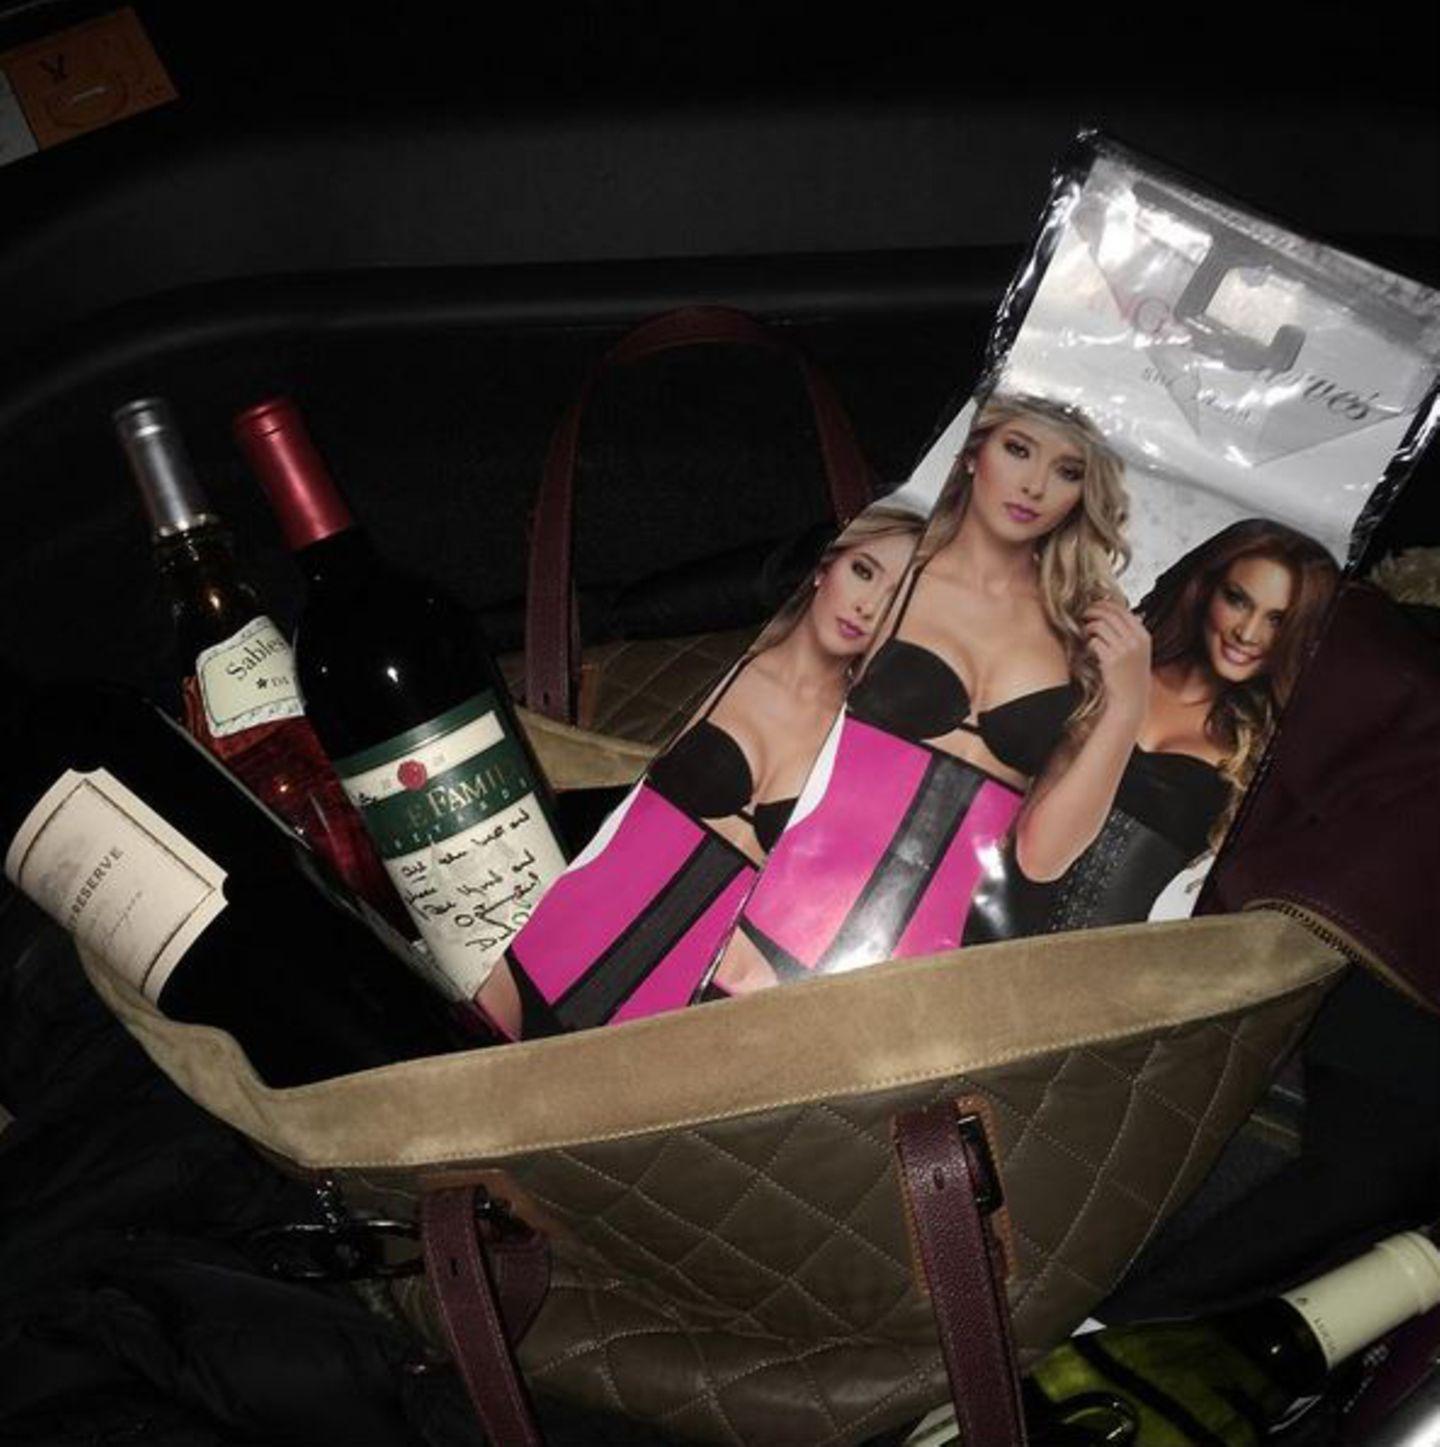 """Schlemmen ohne davon ein Bäuchlein zu bekommen? Katy Perry weiß sich zu helfen. In ihrem Gepäck befinden sich gleich zwei """"Waist Trainer"""". Unter diesen will die Sängerin anscheinend all den Truthahn sowie viele Liter Wein (die sich auch in ihrer Tasche befinden) verschwinden lassen."""